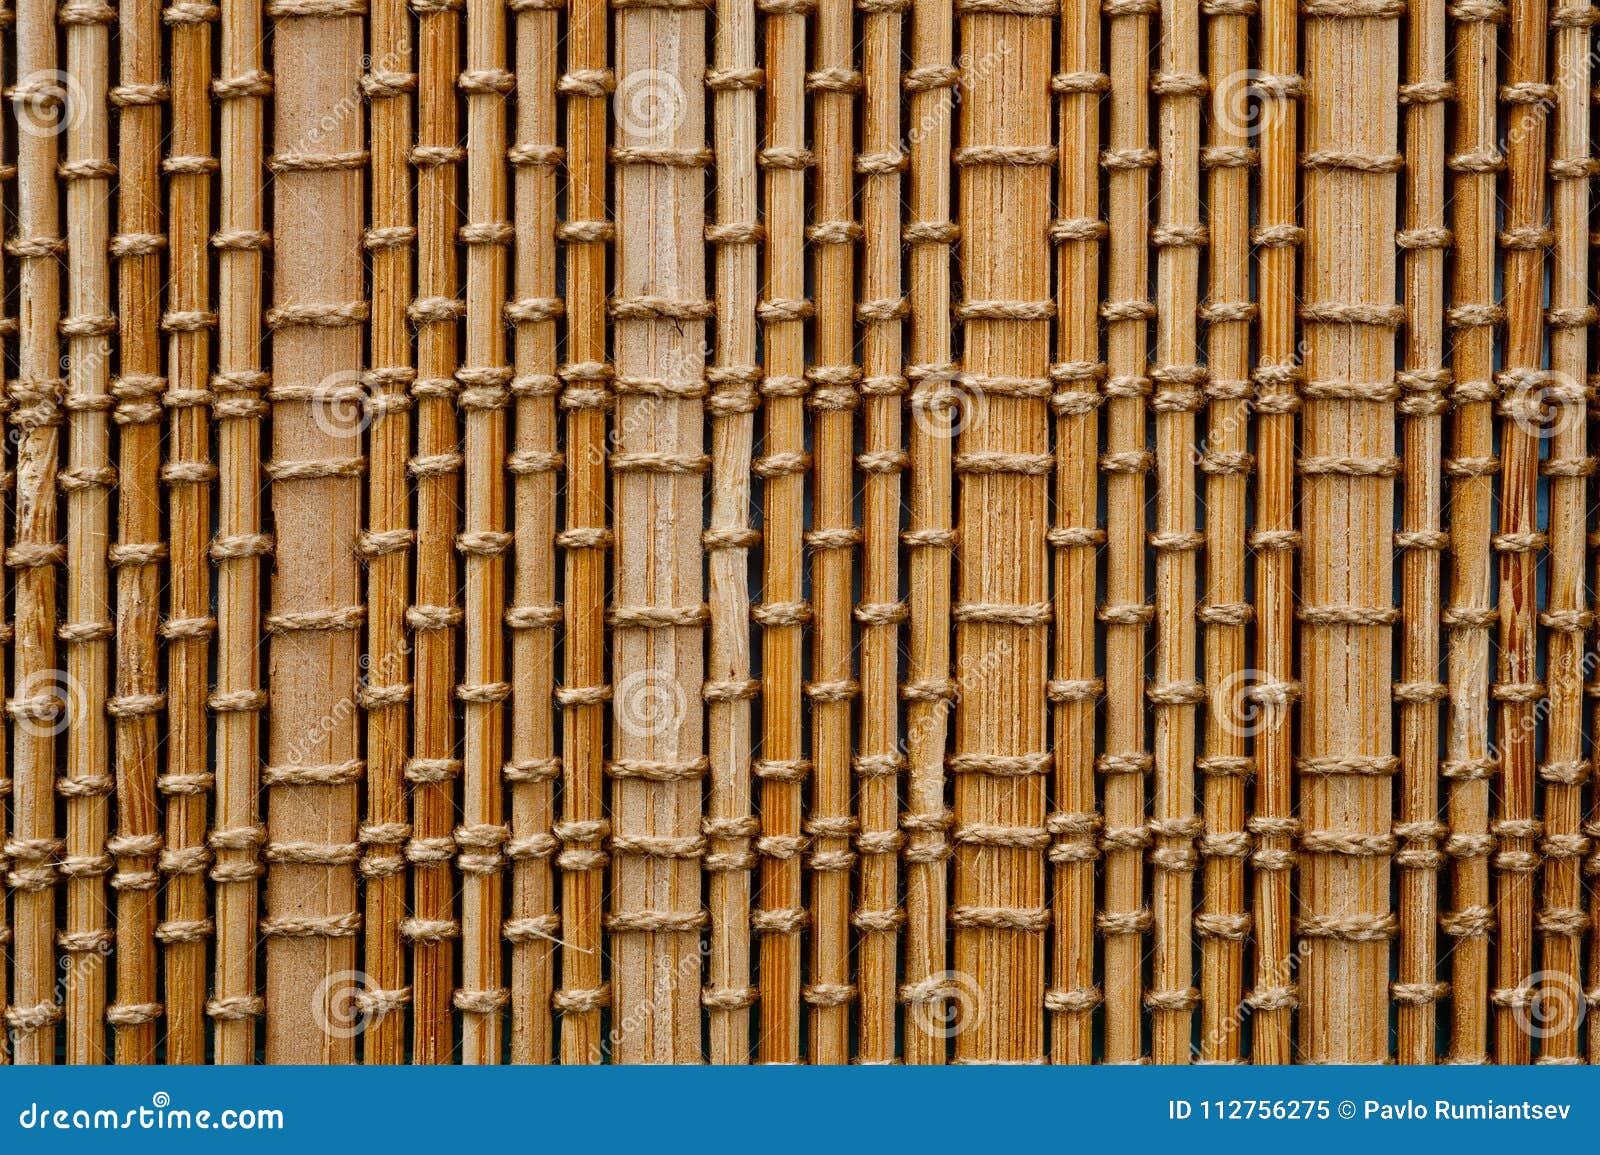 La Textura De La Estera De Bambú De La Sombra Ligera Que Llena El ...